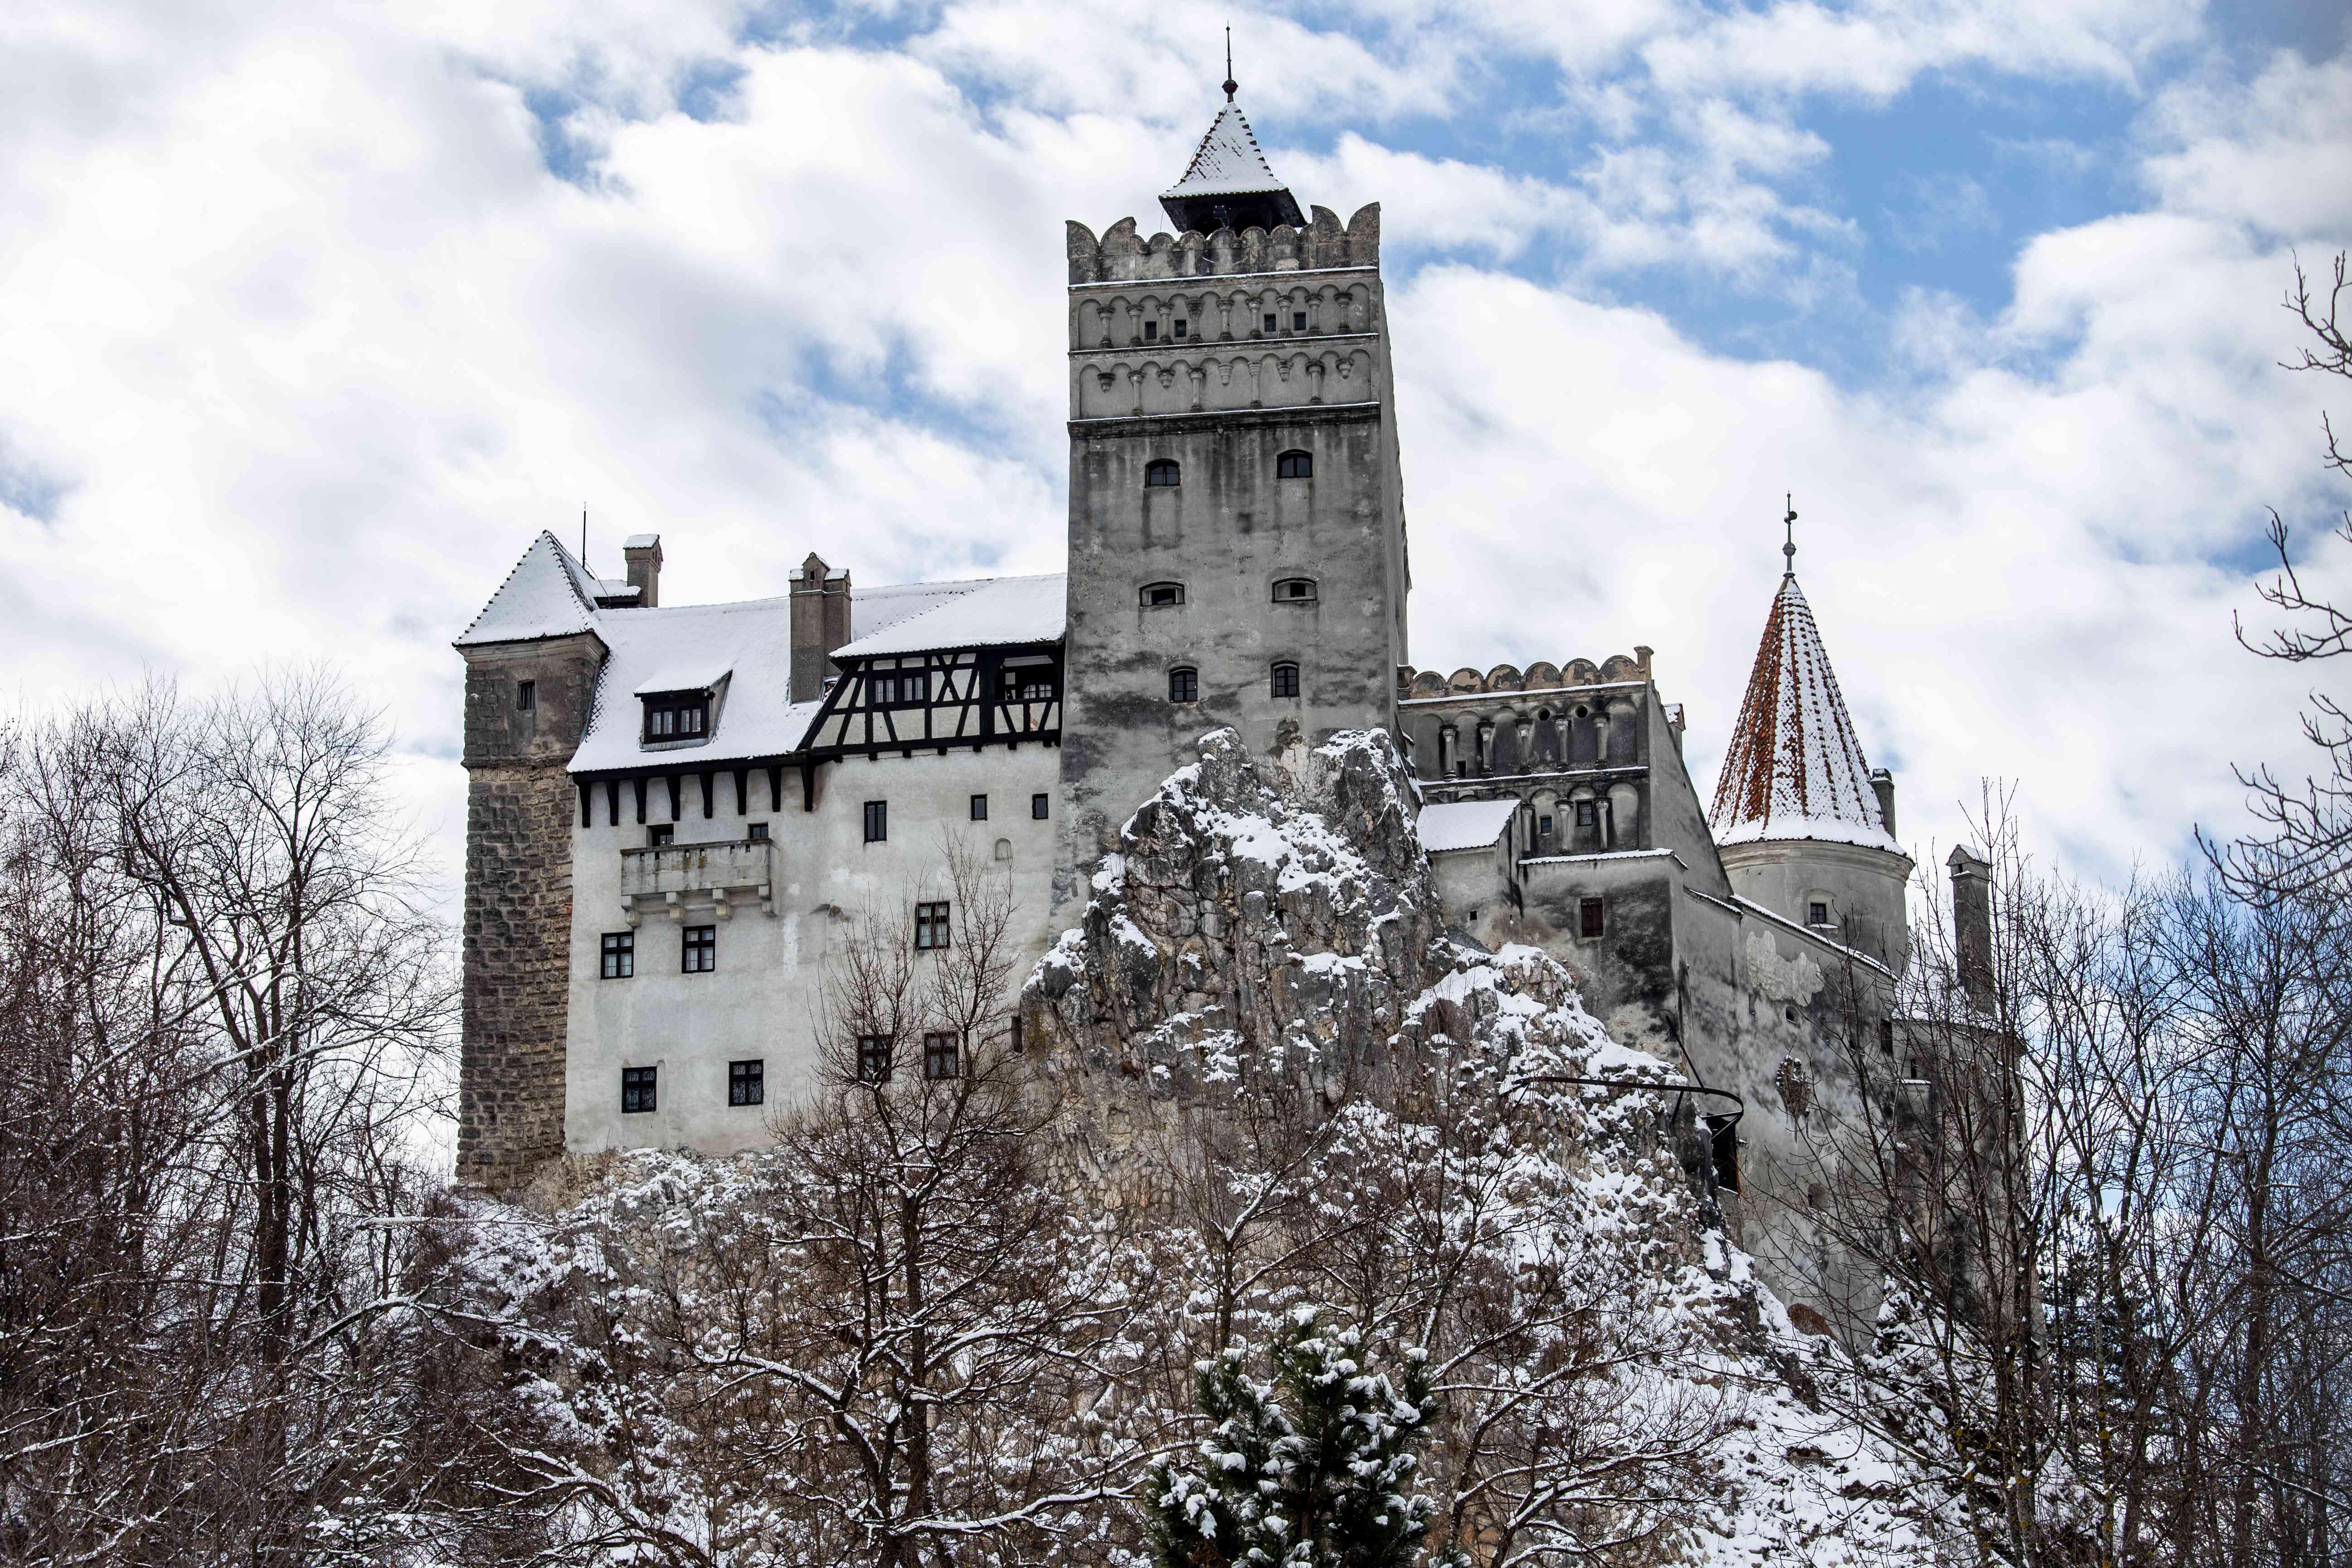 Mirando hacia el castillo de salvado cubierto de nieve